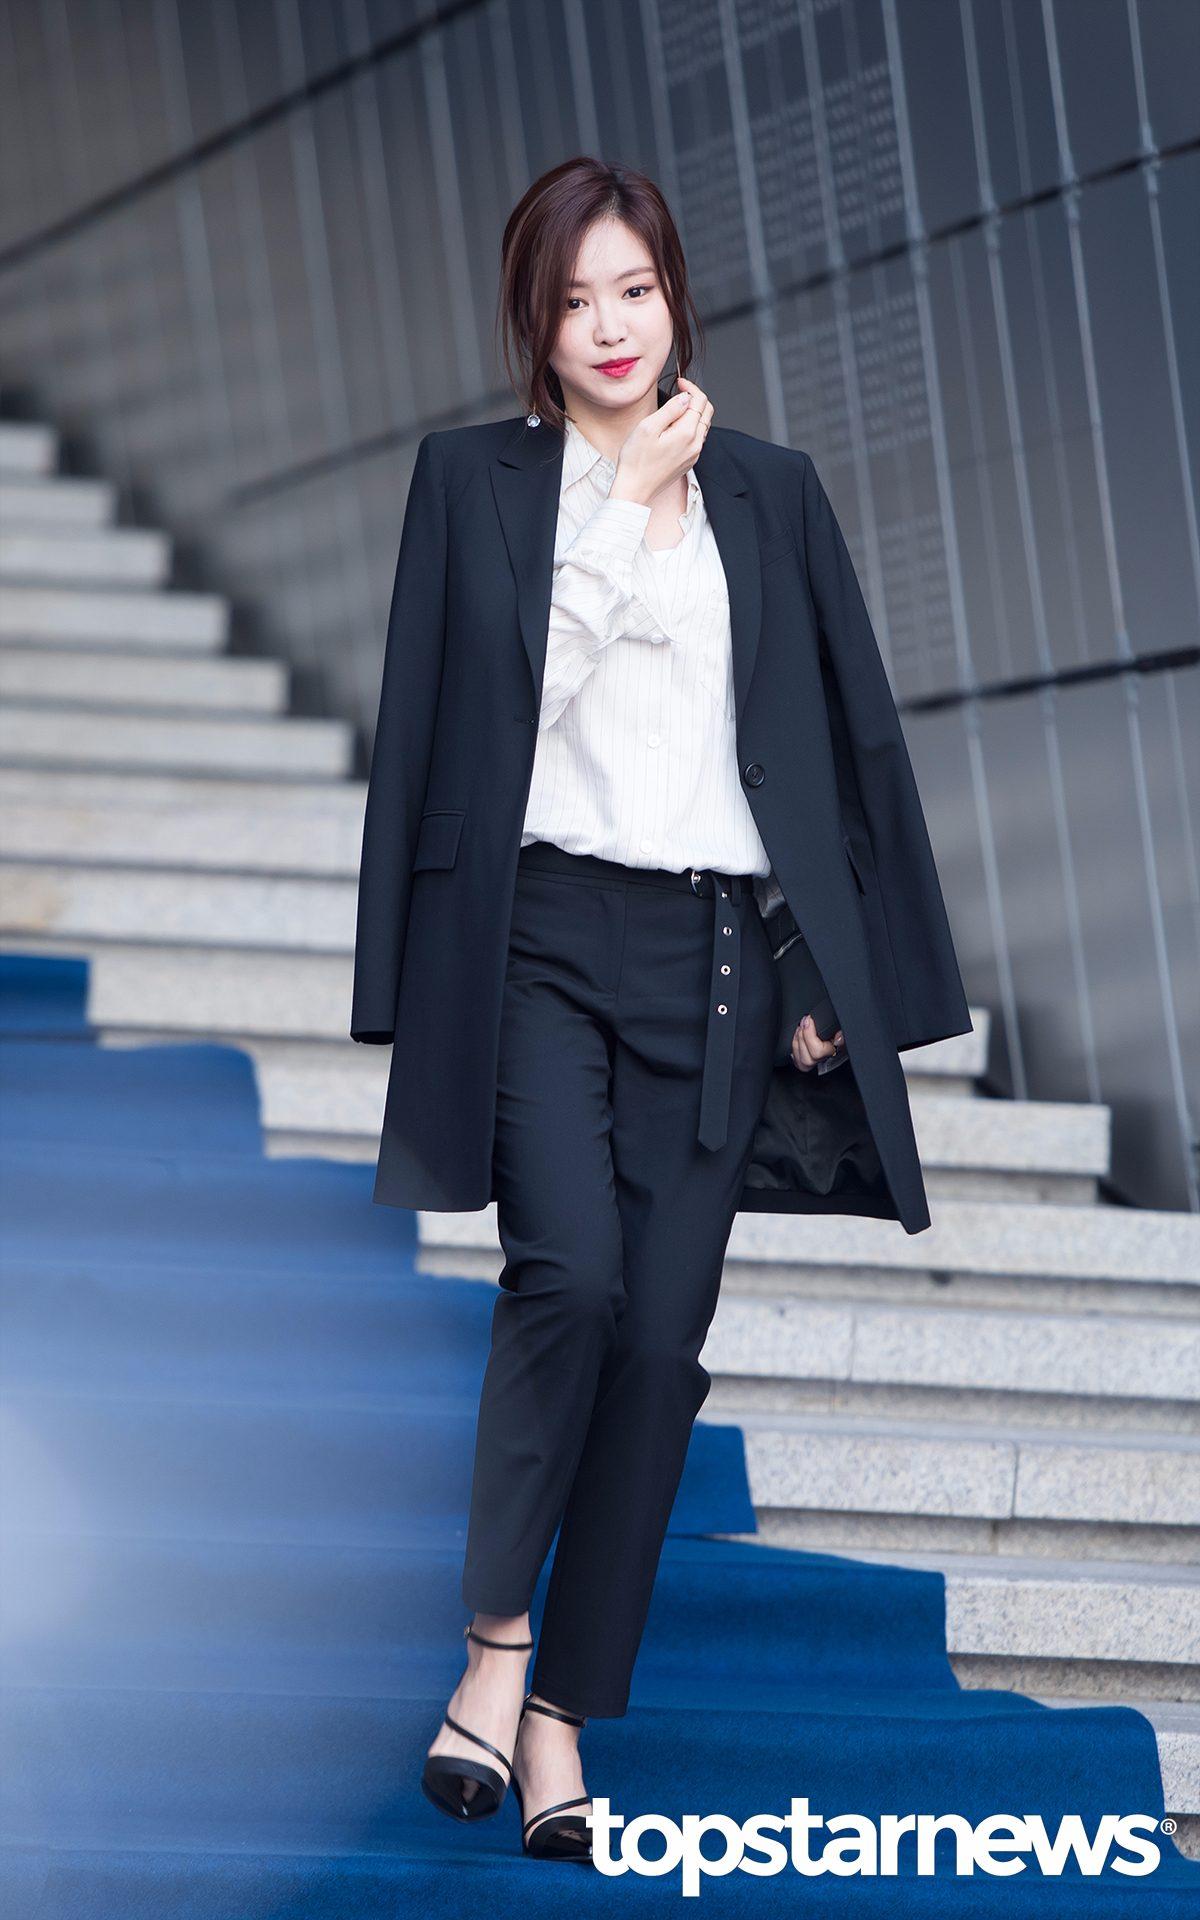 Apink孫娜恩走的是中性風...白色條紋襯衫搭配黑色休閒西褲+綁帶高跟鞋..肩上隨意披著一件黑色大衣,給人簡潔幹練的感覺,非常帥!!